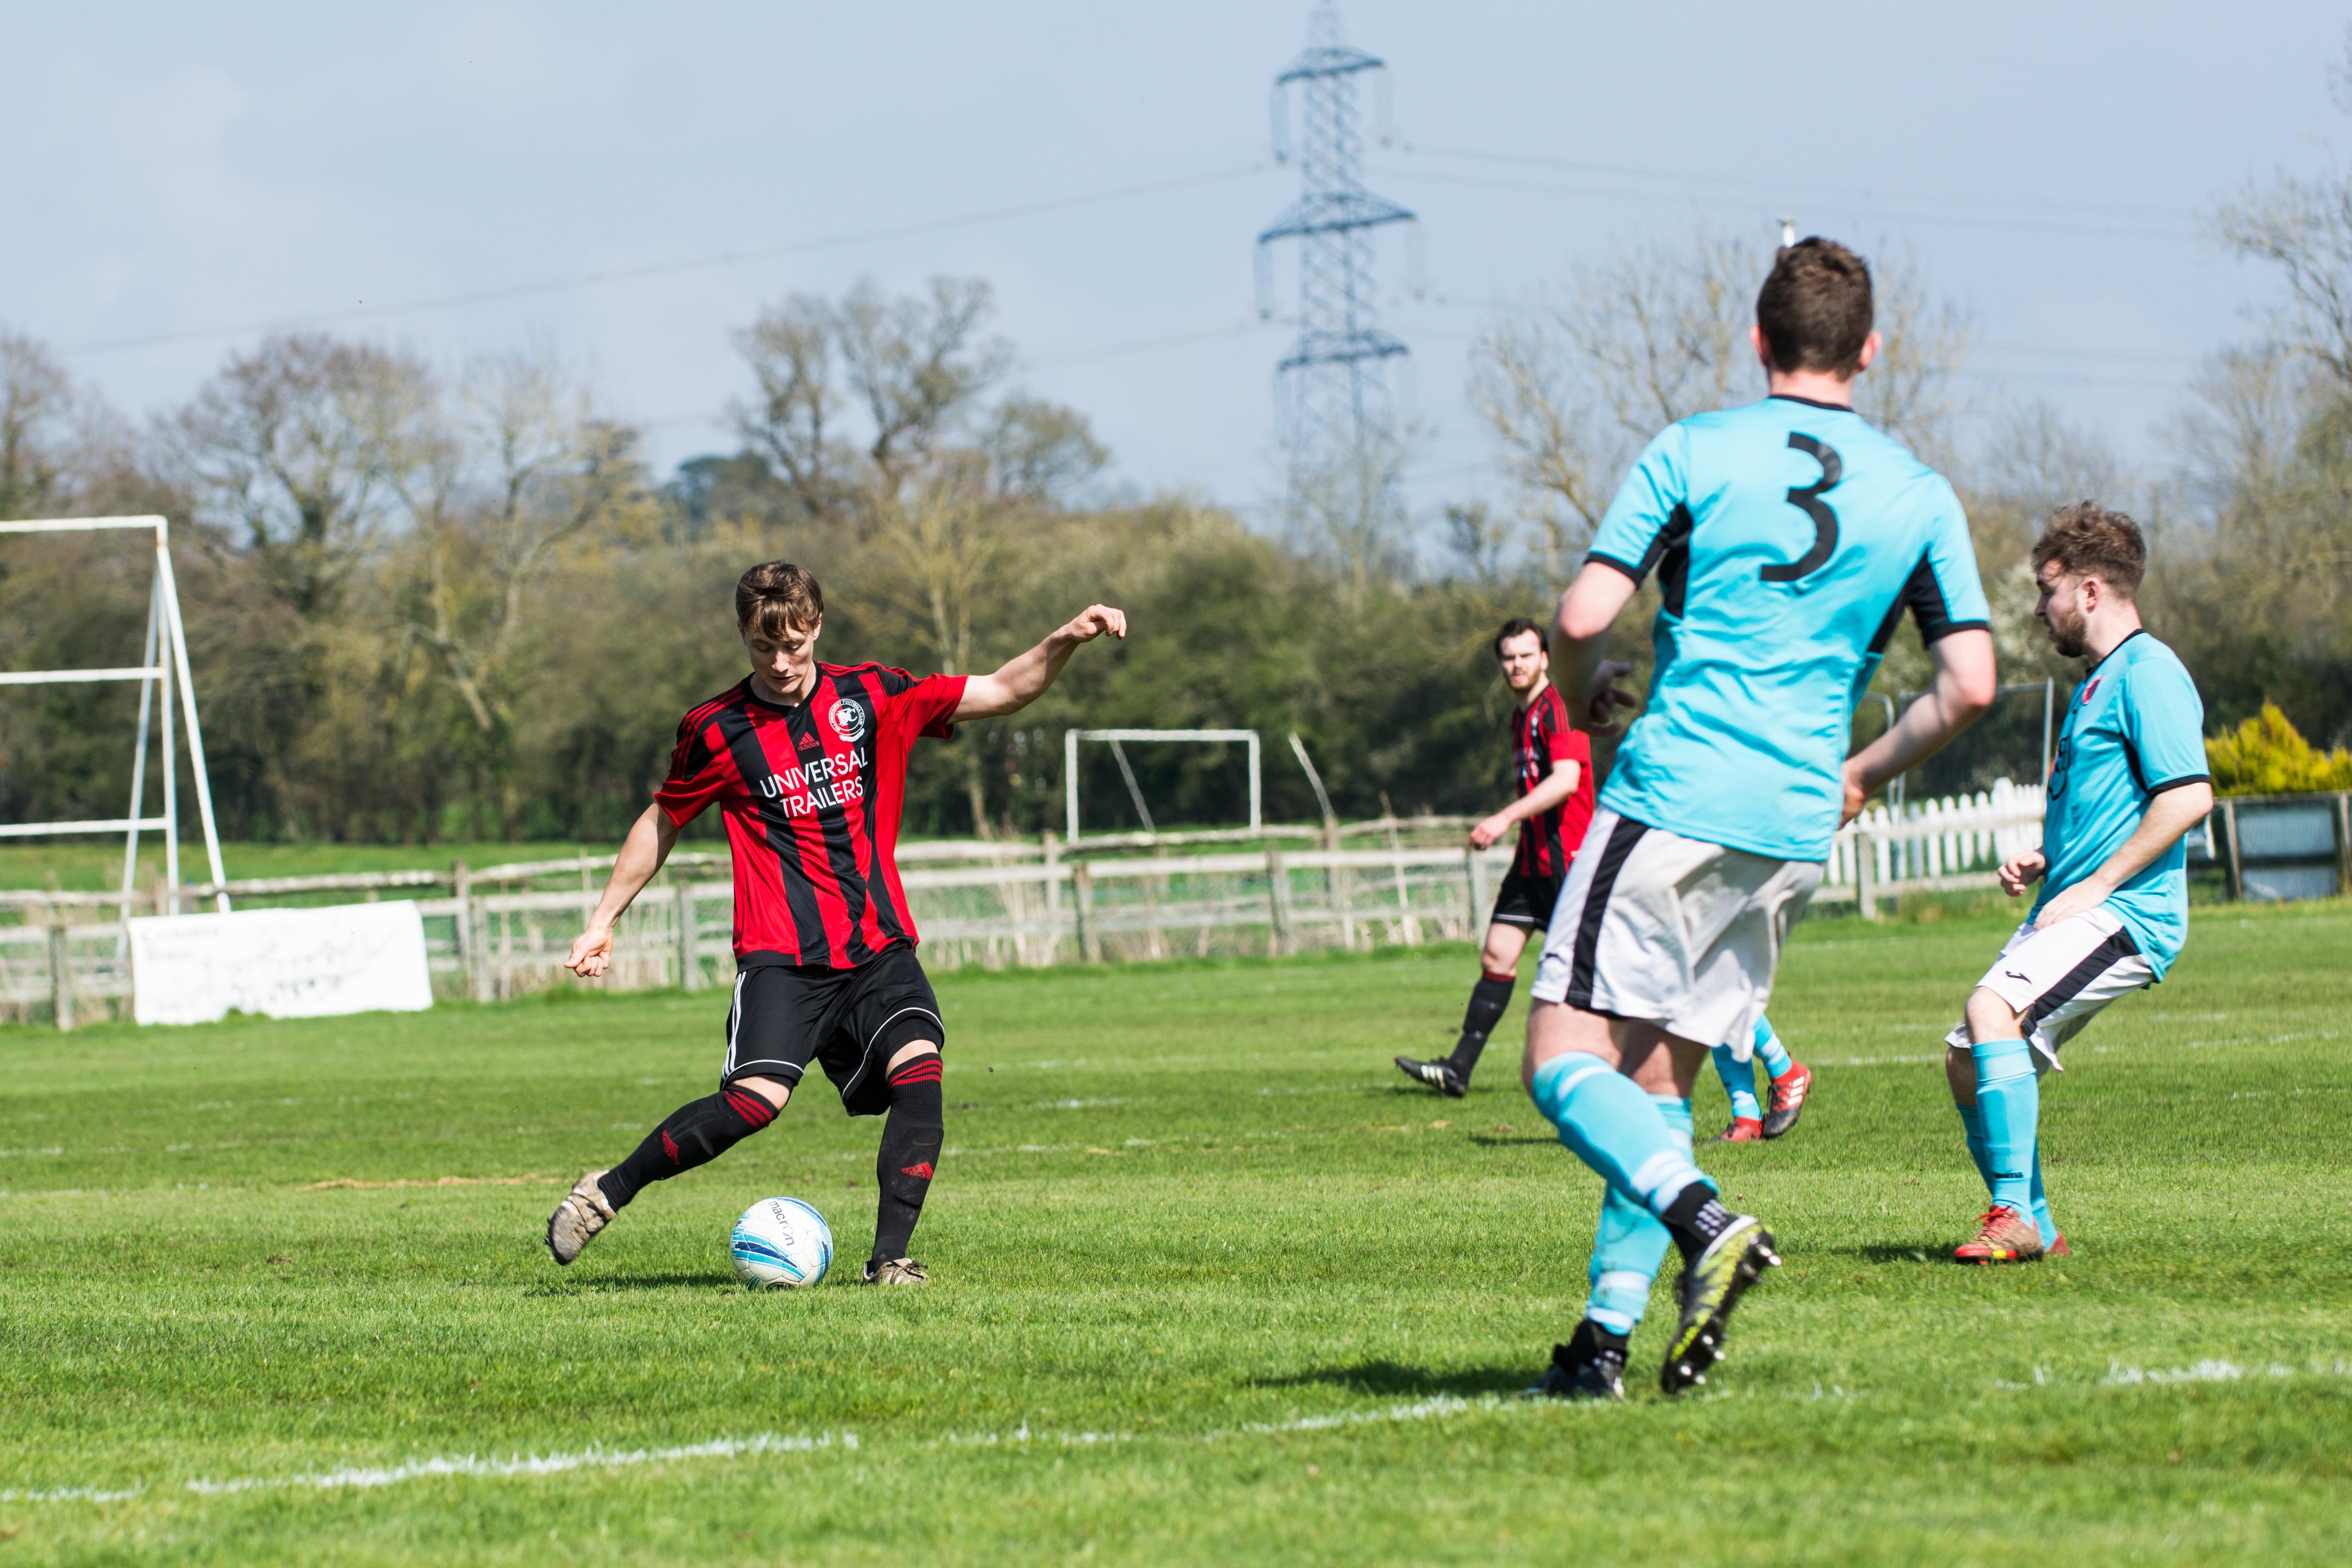 DAVID_JEFFERY Billingshurst FC vs AFC Varndeanians 14.04.18 26